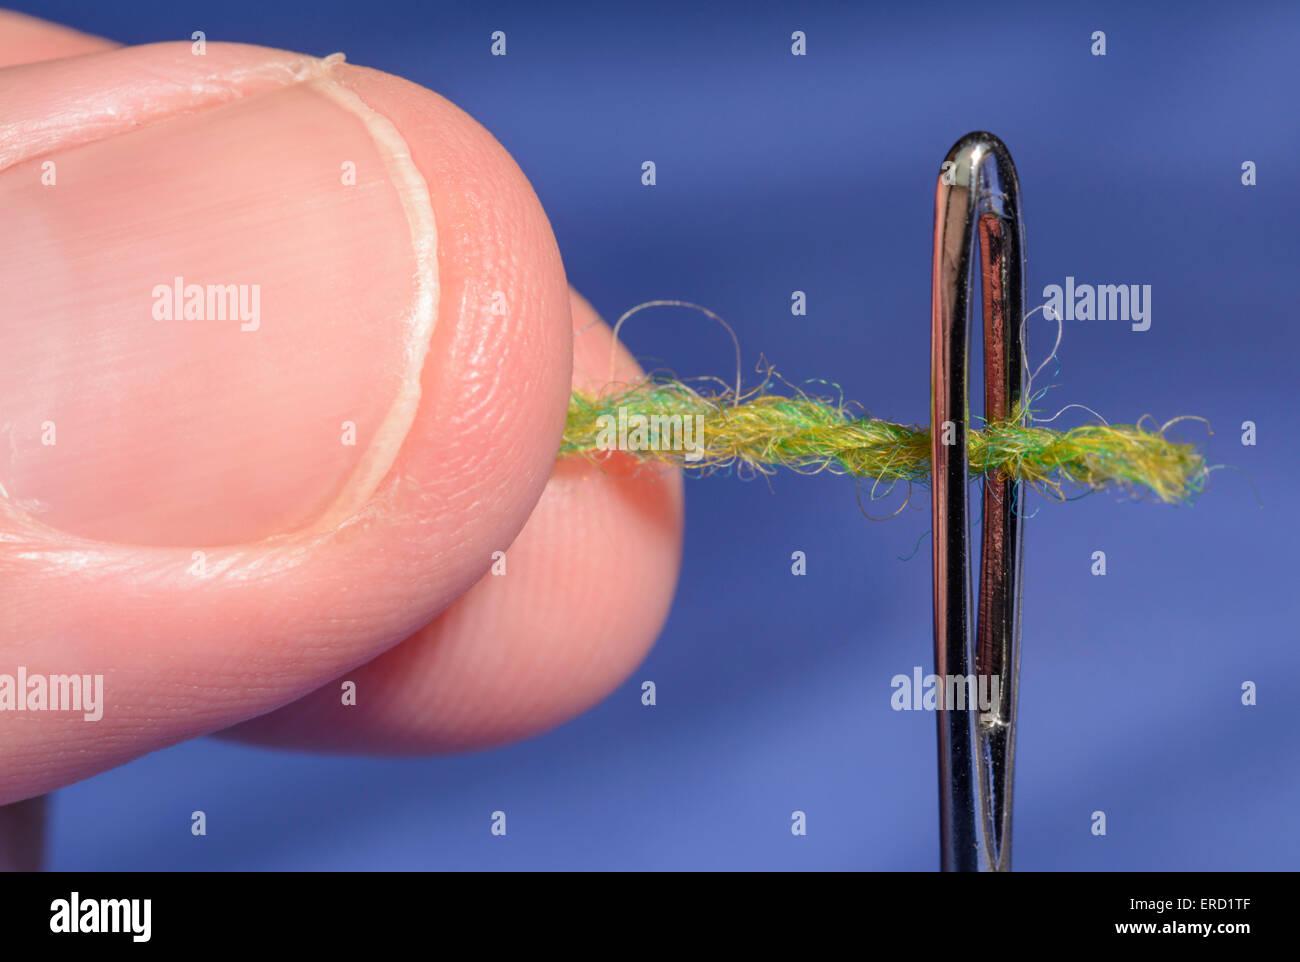 Enfiler une aiguille. L'homme libre de doigts le passage par le trou d'une aiguille de reprisage. Photo Stock